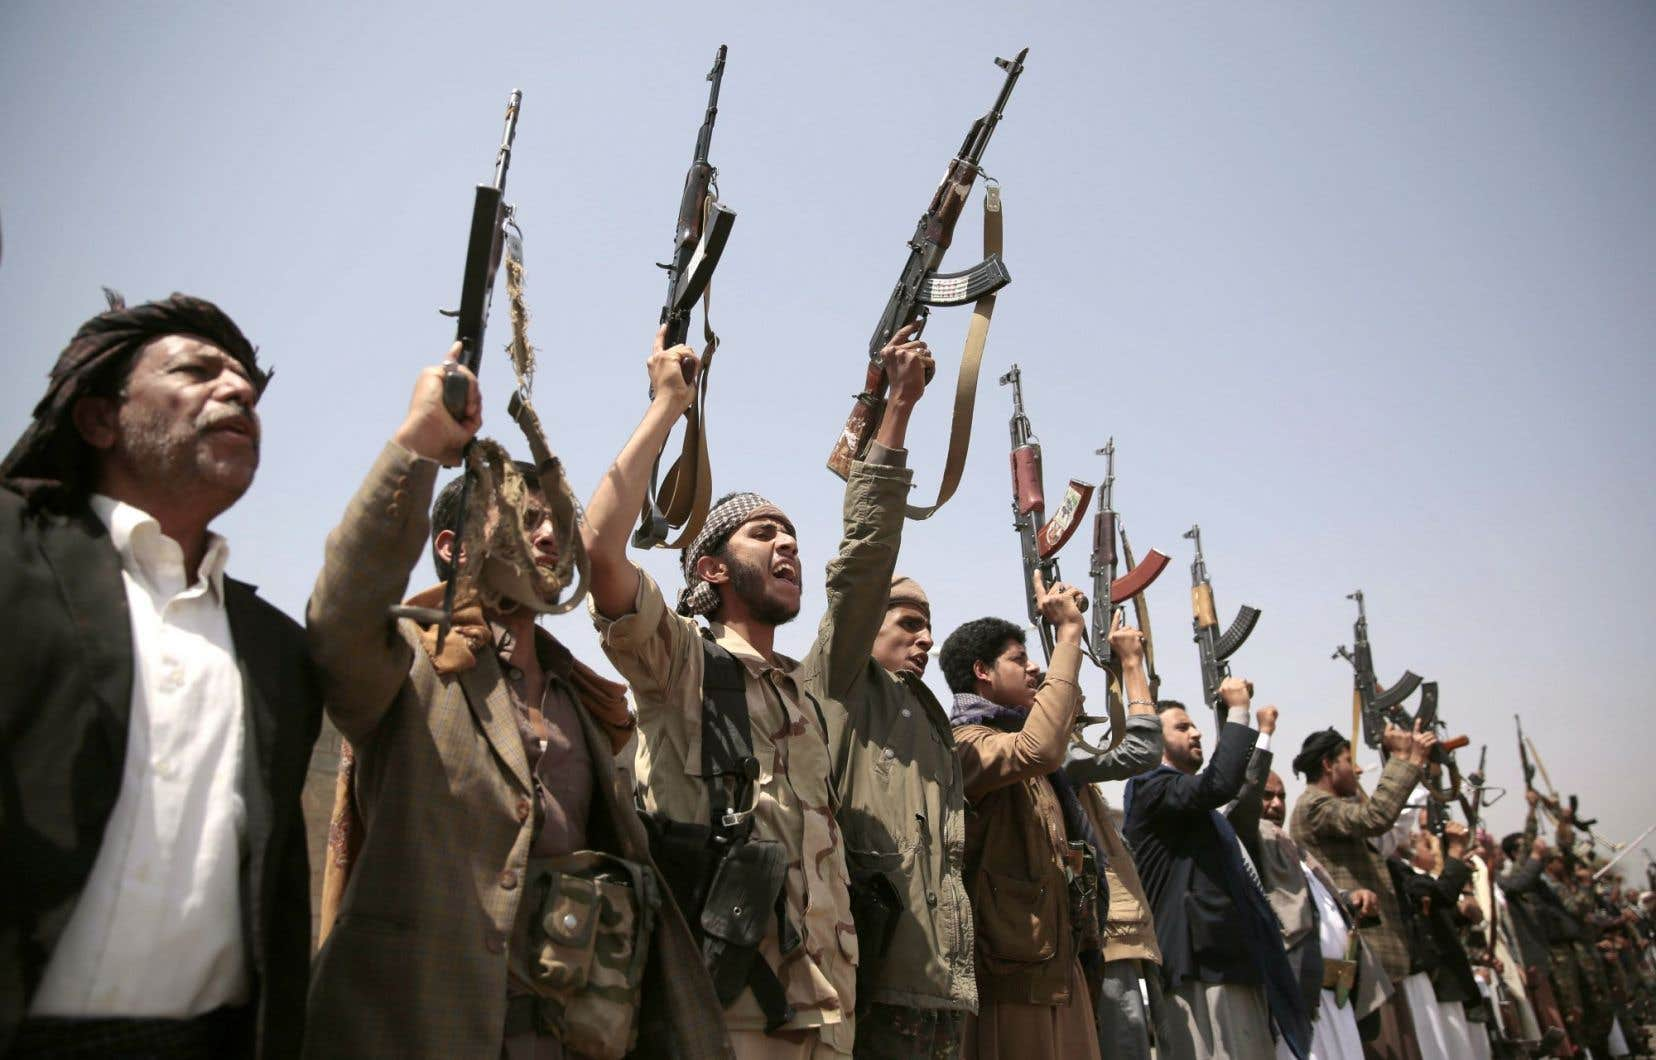 La coalition sous ordres saoudiens combat entre autres les rebelles houthis (photo), surtout présents dans le nord du Yémen.